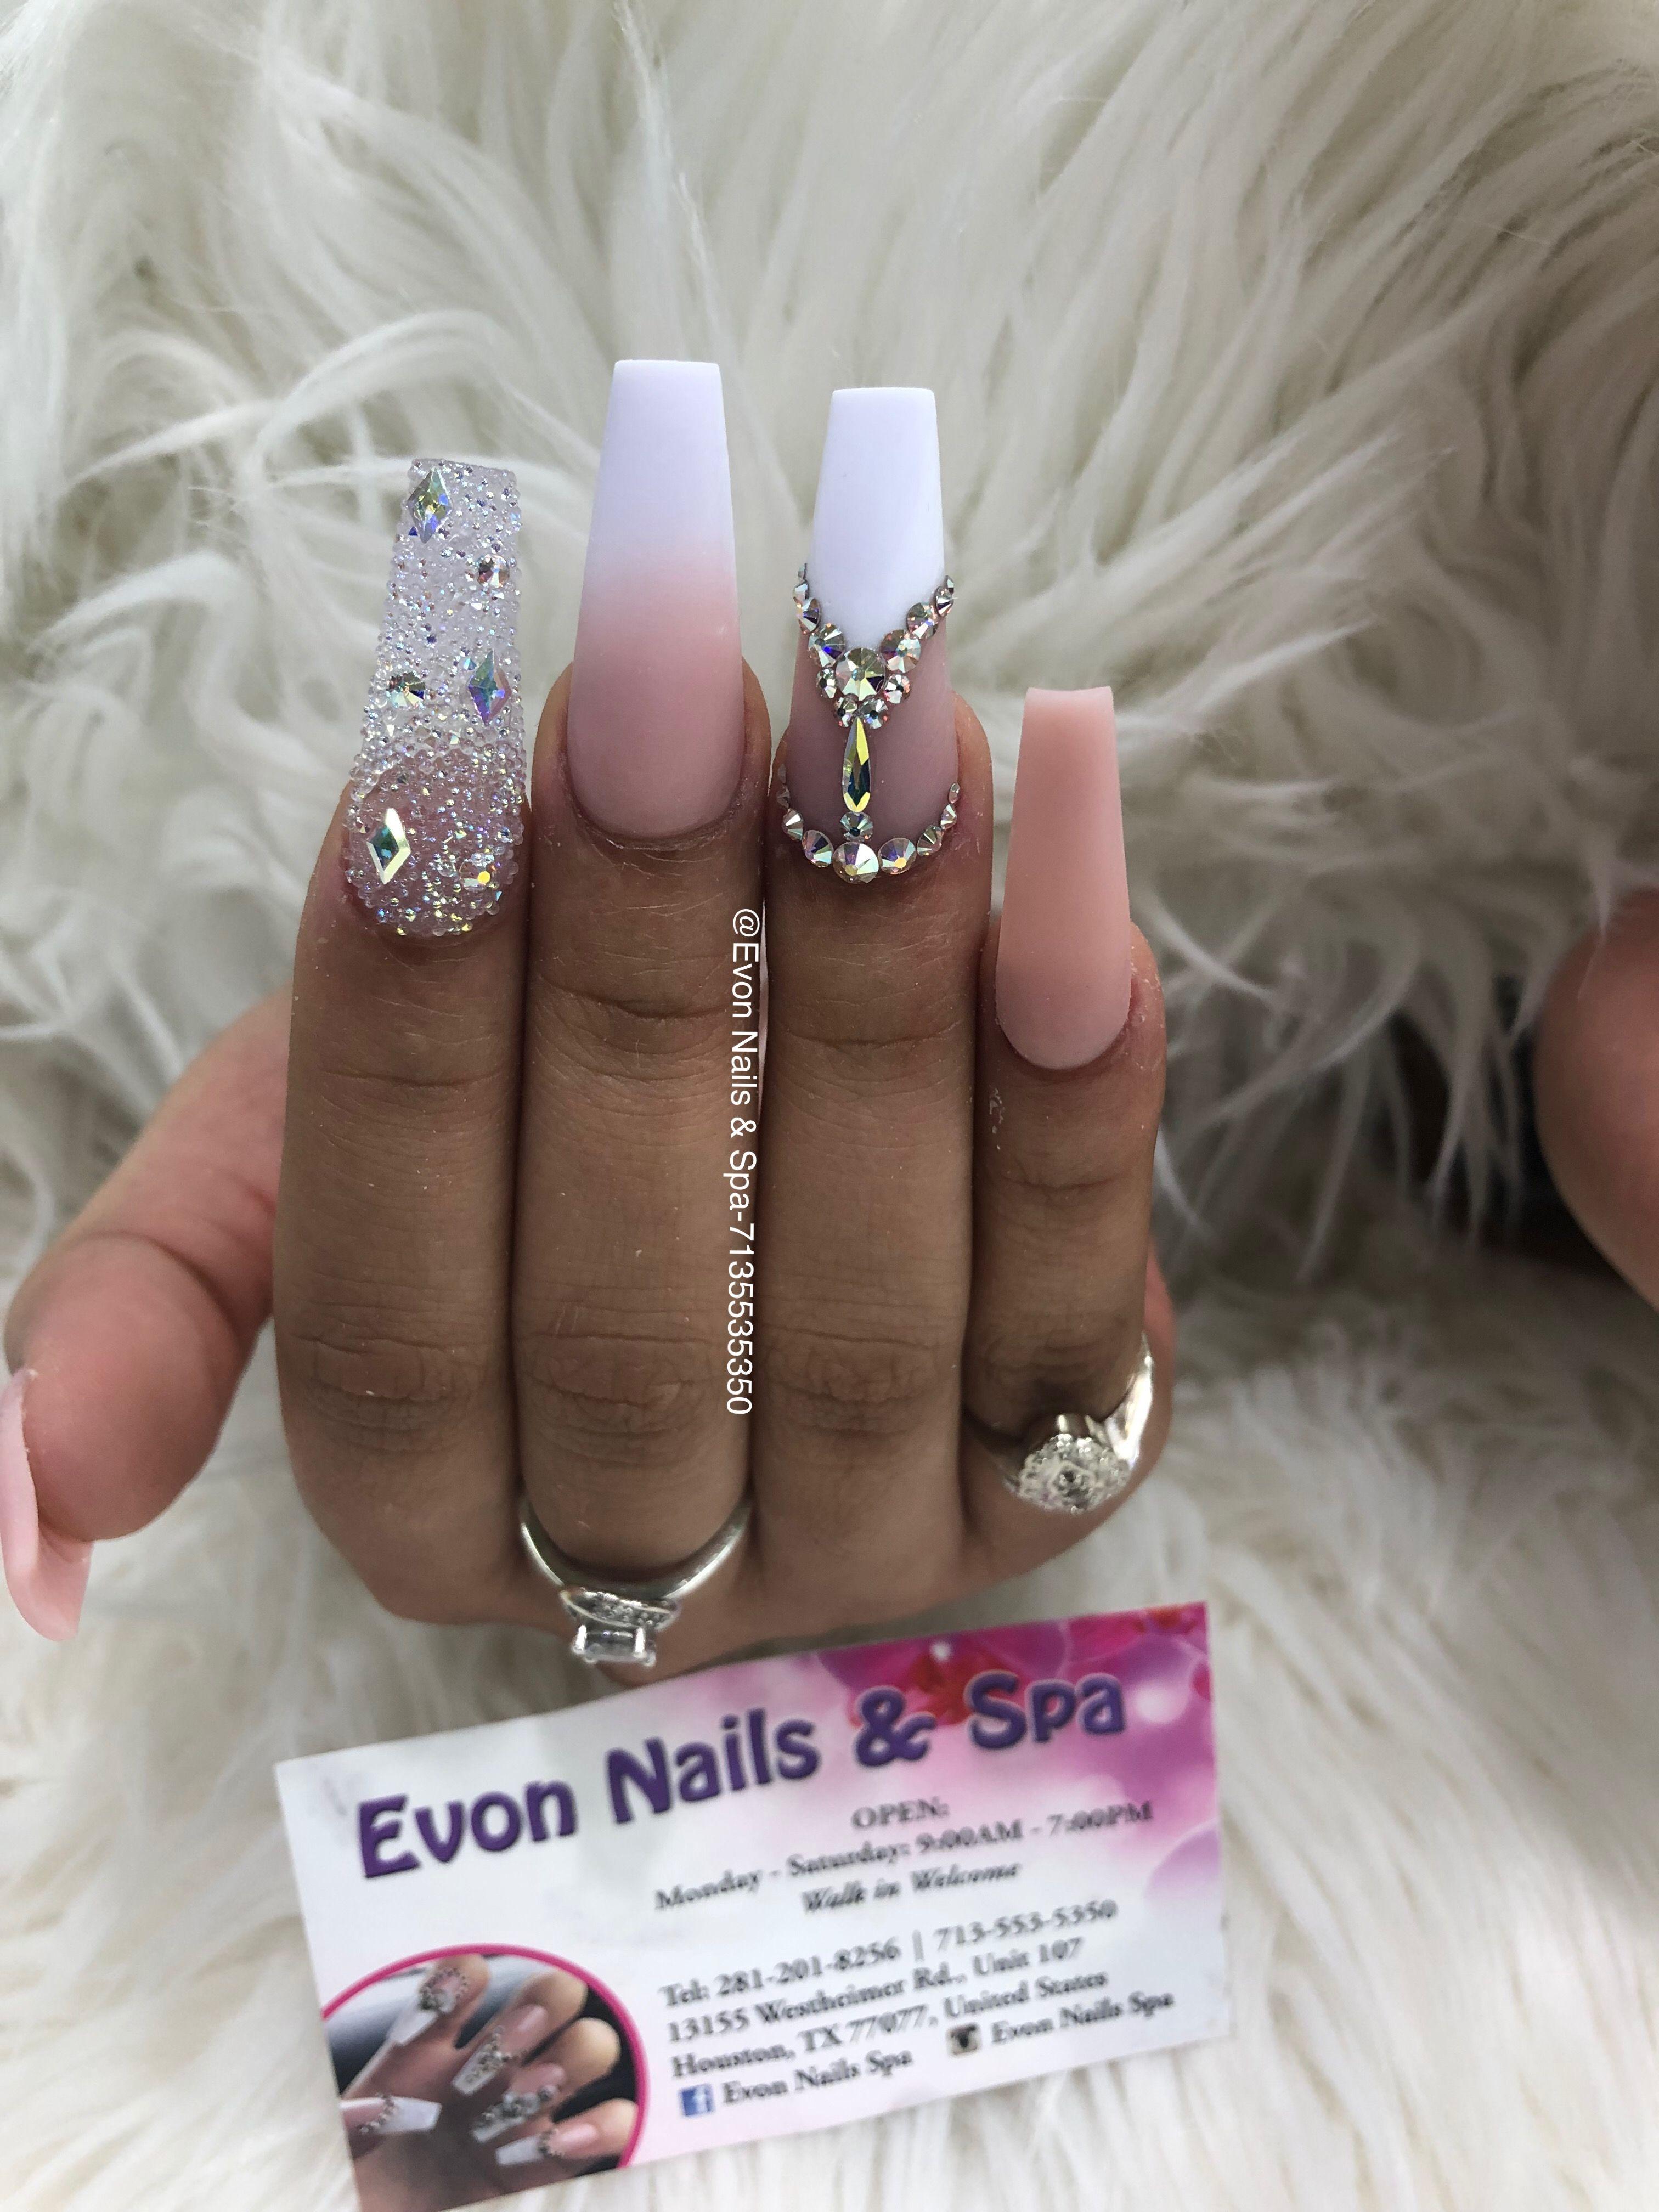 Pin By Jamie Cubeddu On Nails Nails Nails Pink Glitter Nails Nails Aycrlic Nails